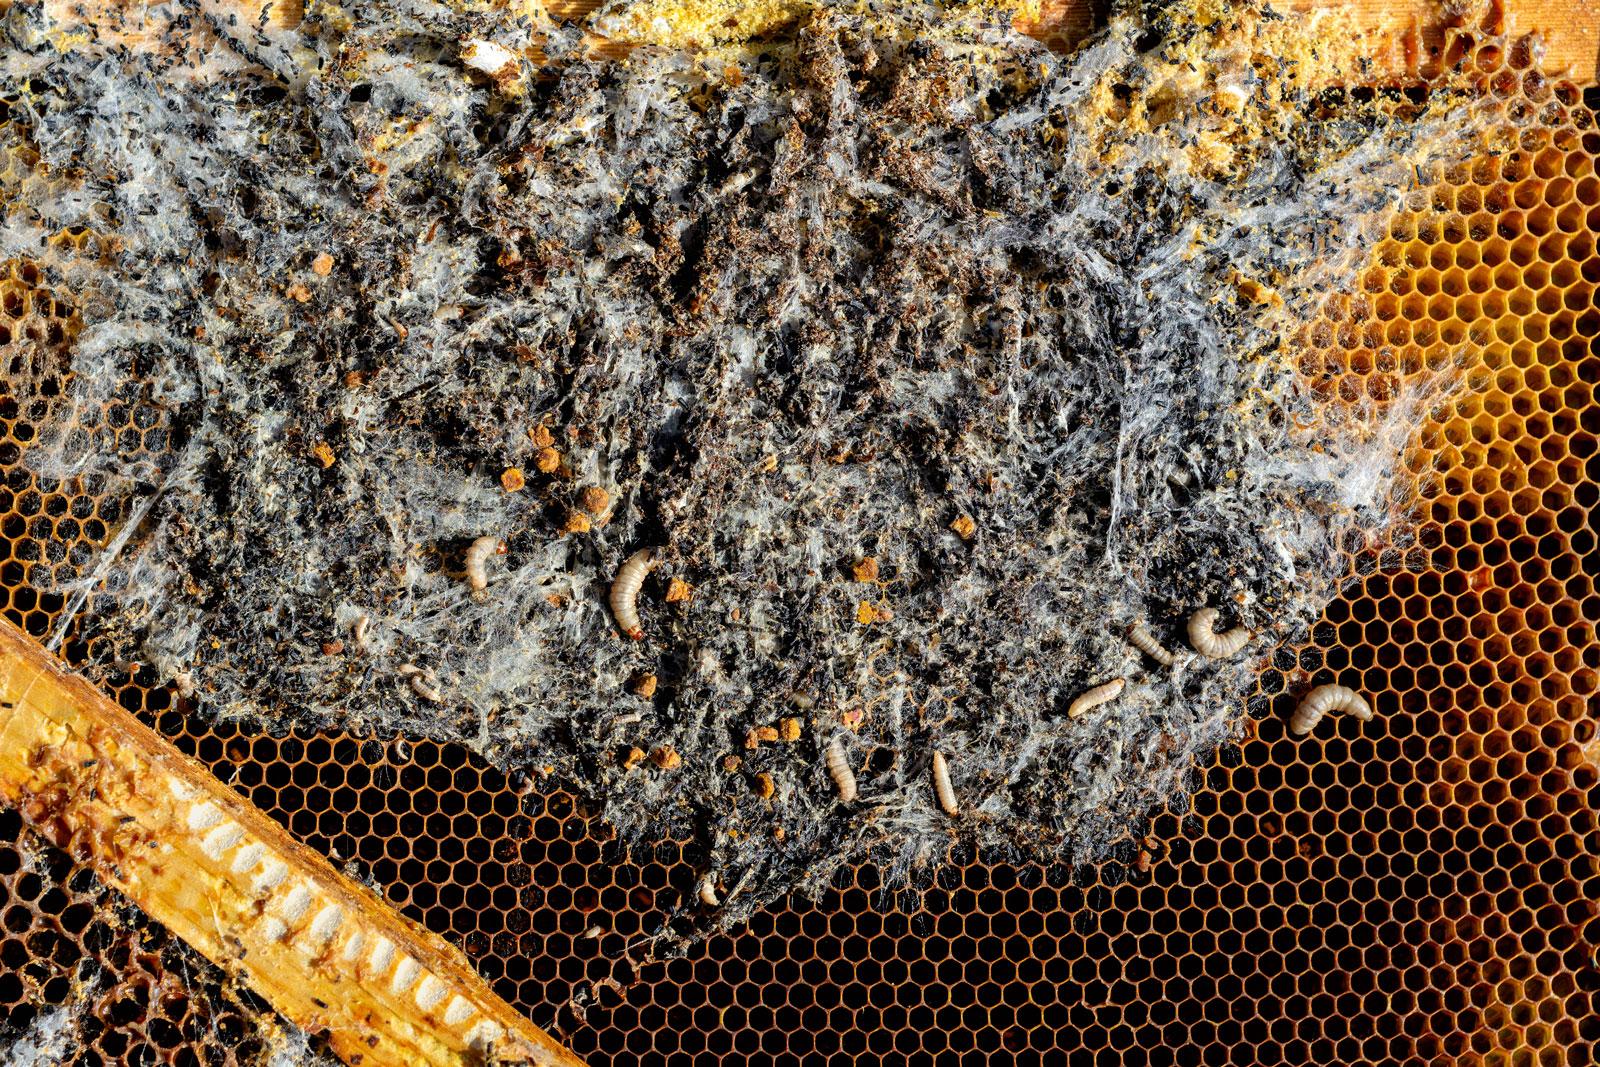 Восковая моль (пчелиная моль), описание, способы борьбы